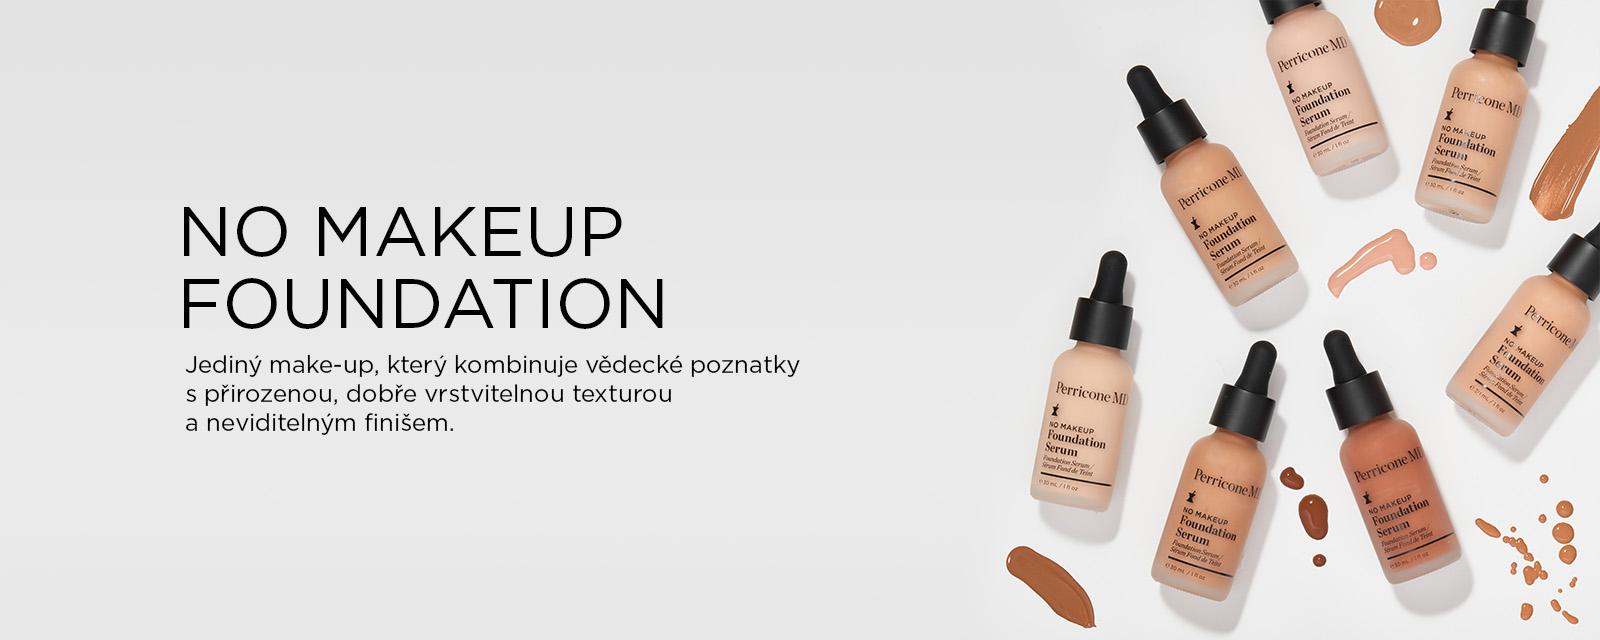 No make up foundation